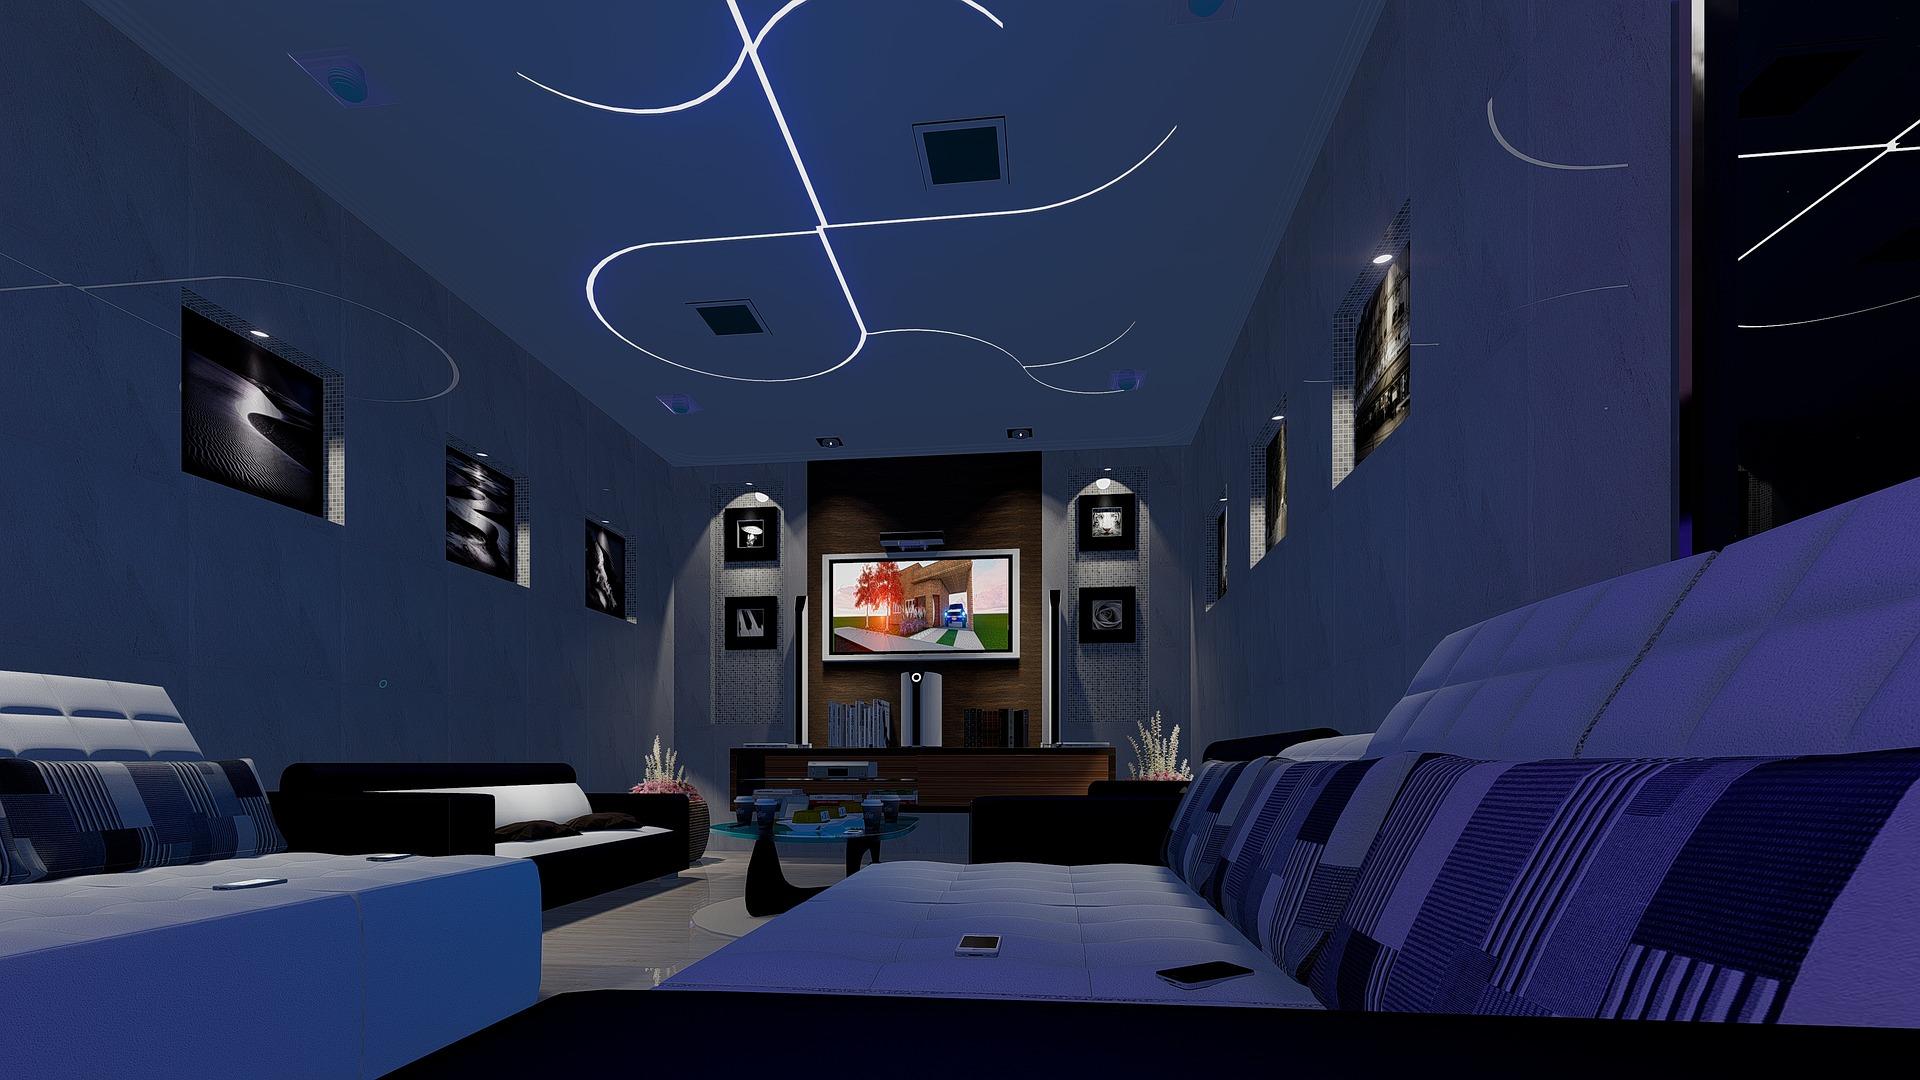 ILLUMINAZIONE PRIVATA - La progettazione illuminotecnica privata deve essere rivolta al rispetto normativo, all'efficienza energetica e alla razionalizzazione del sistema di illuminazione indoor e outdoor che meglio si inserisca nel contesto e nello stile dell'abitazione